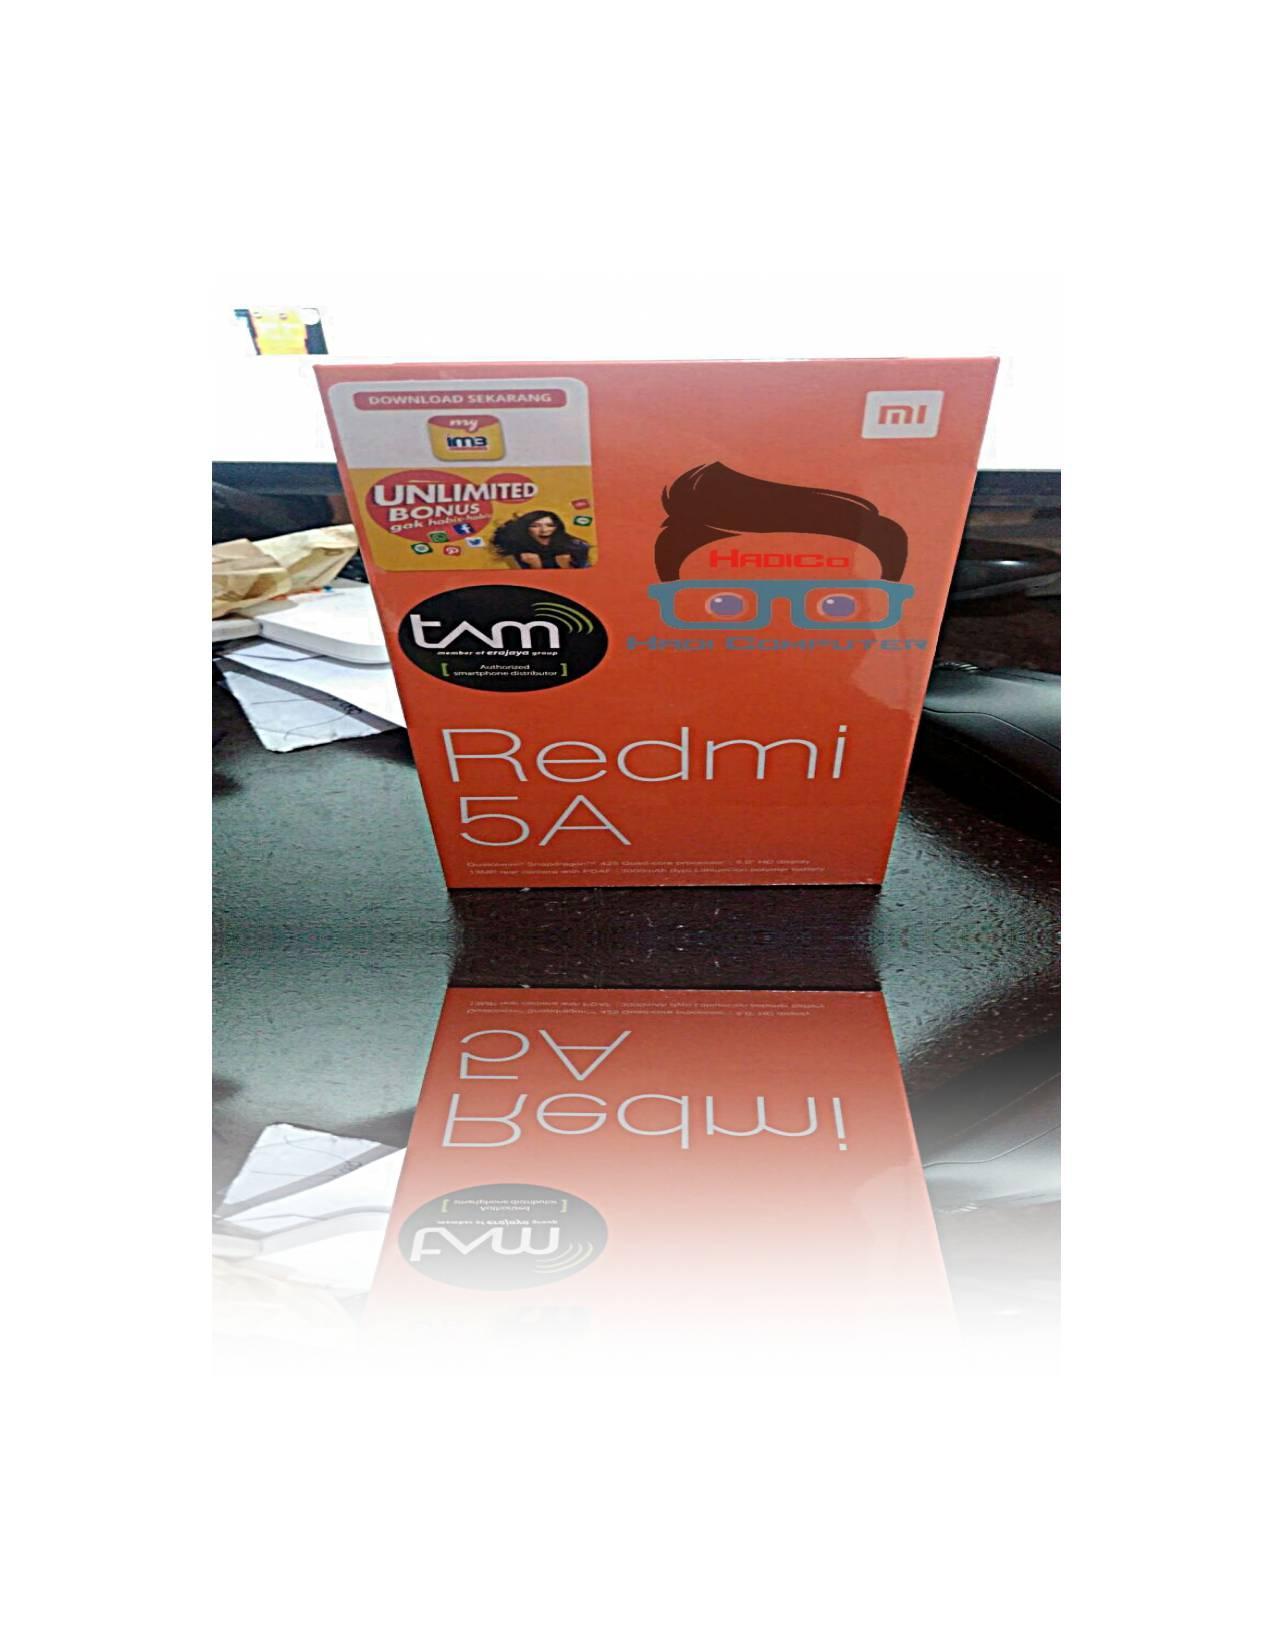 Xiaomi Redmi 5A Original garansi resmi TAM 2GB / 16GB hp smartphone mi  - 3643815d05703d521a4df4098cc926f2 - Update Harga Terbaru Hp Xiaomi Mi5 Gsmarena Agustus 2018